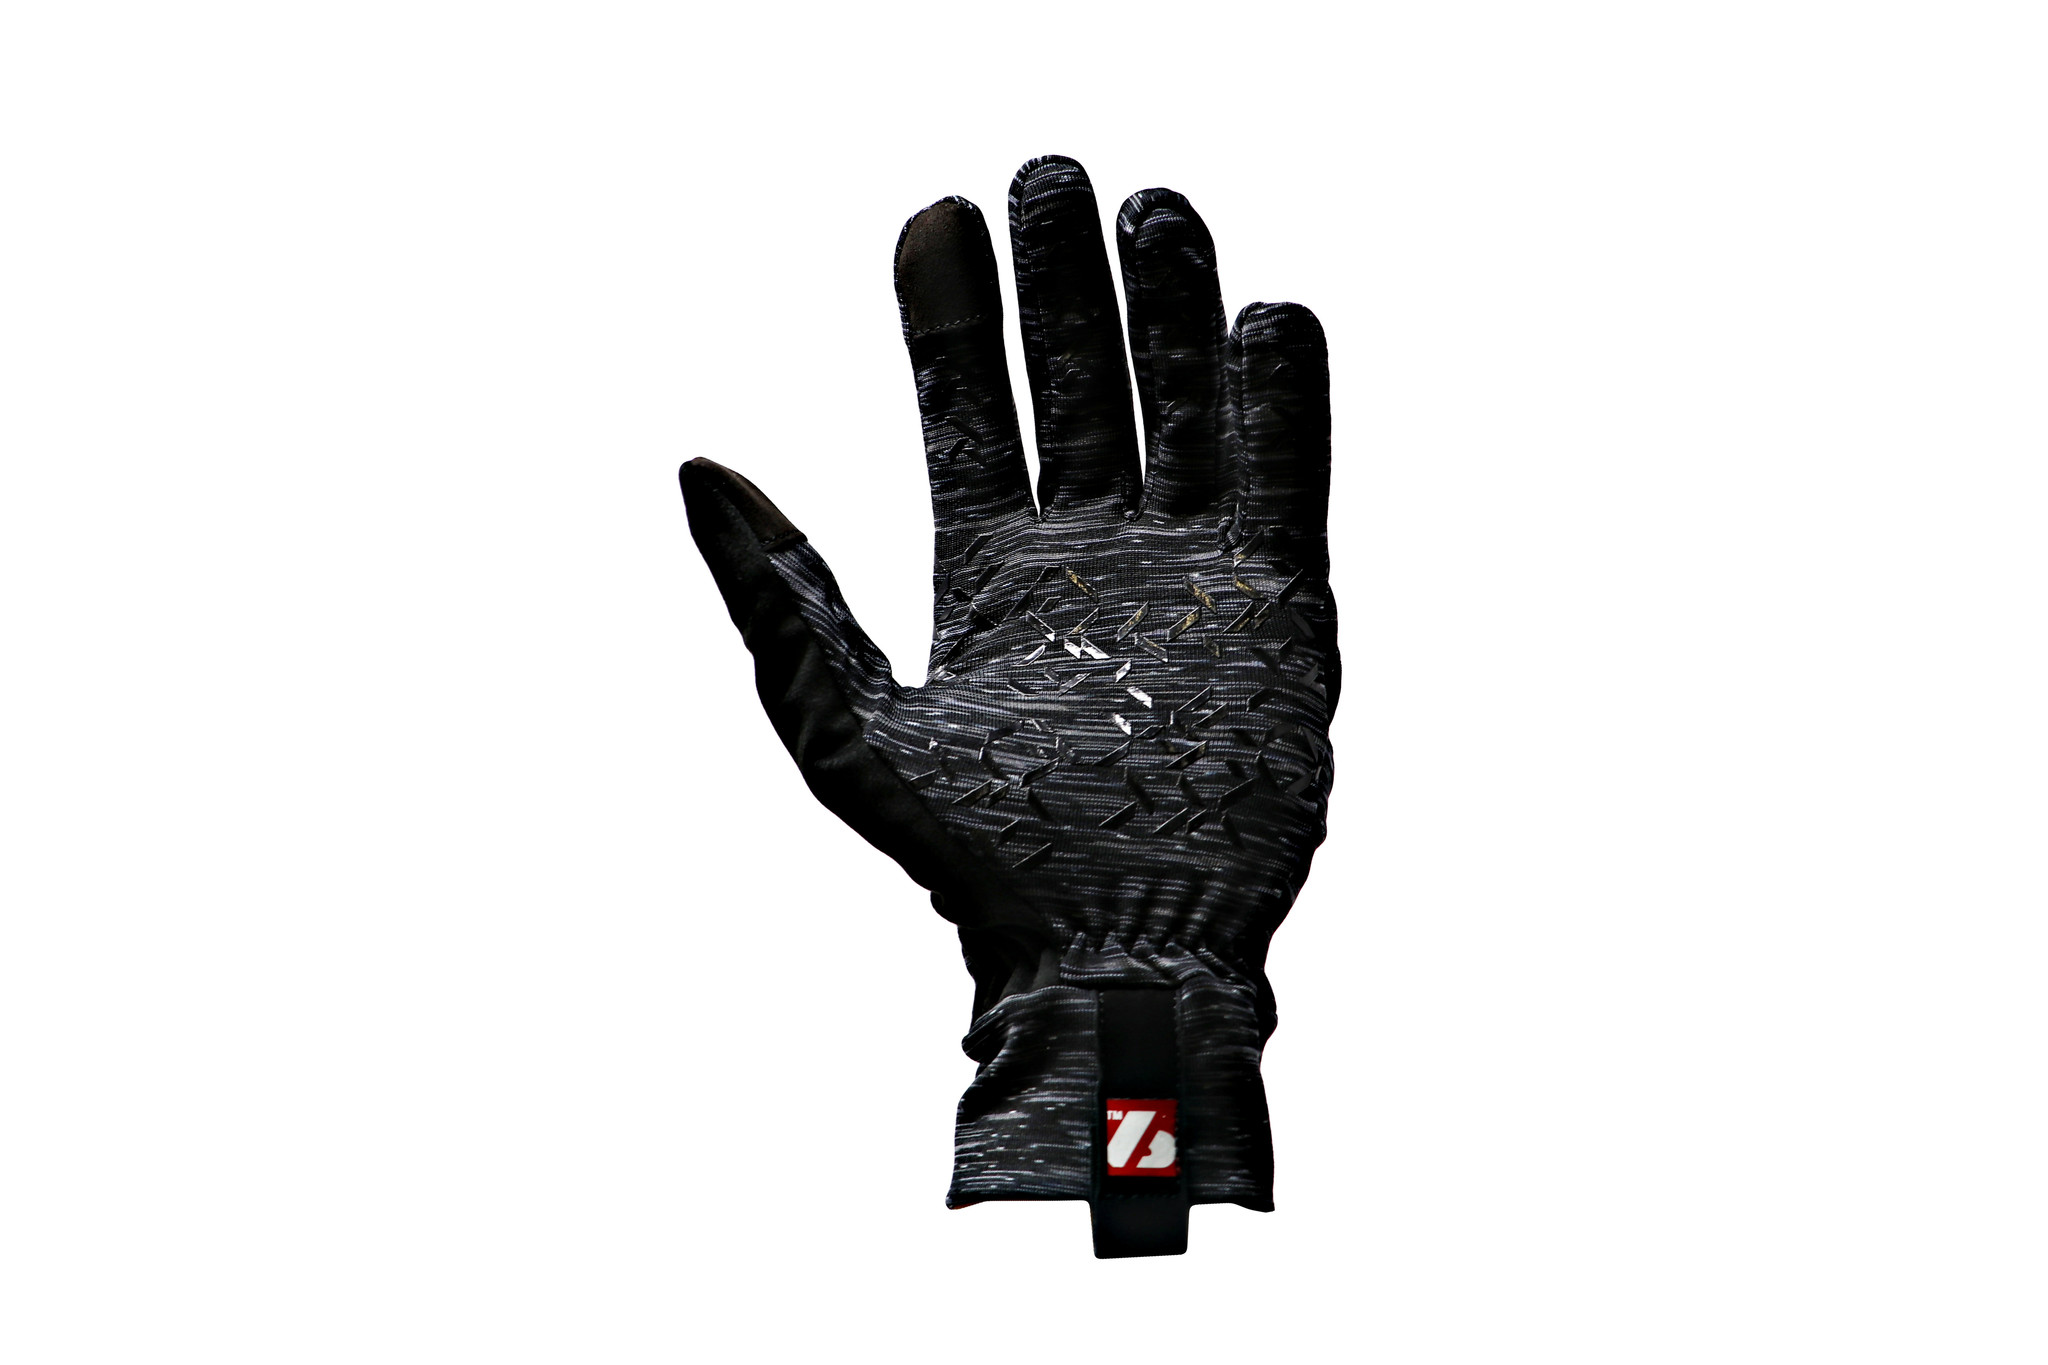 NBG-13 guanto invernale e sci da -5 ° a -10 ° - nero